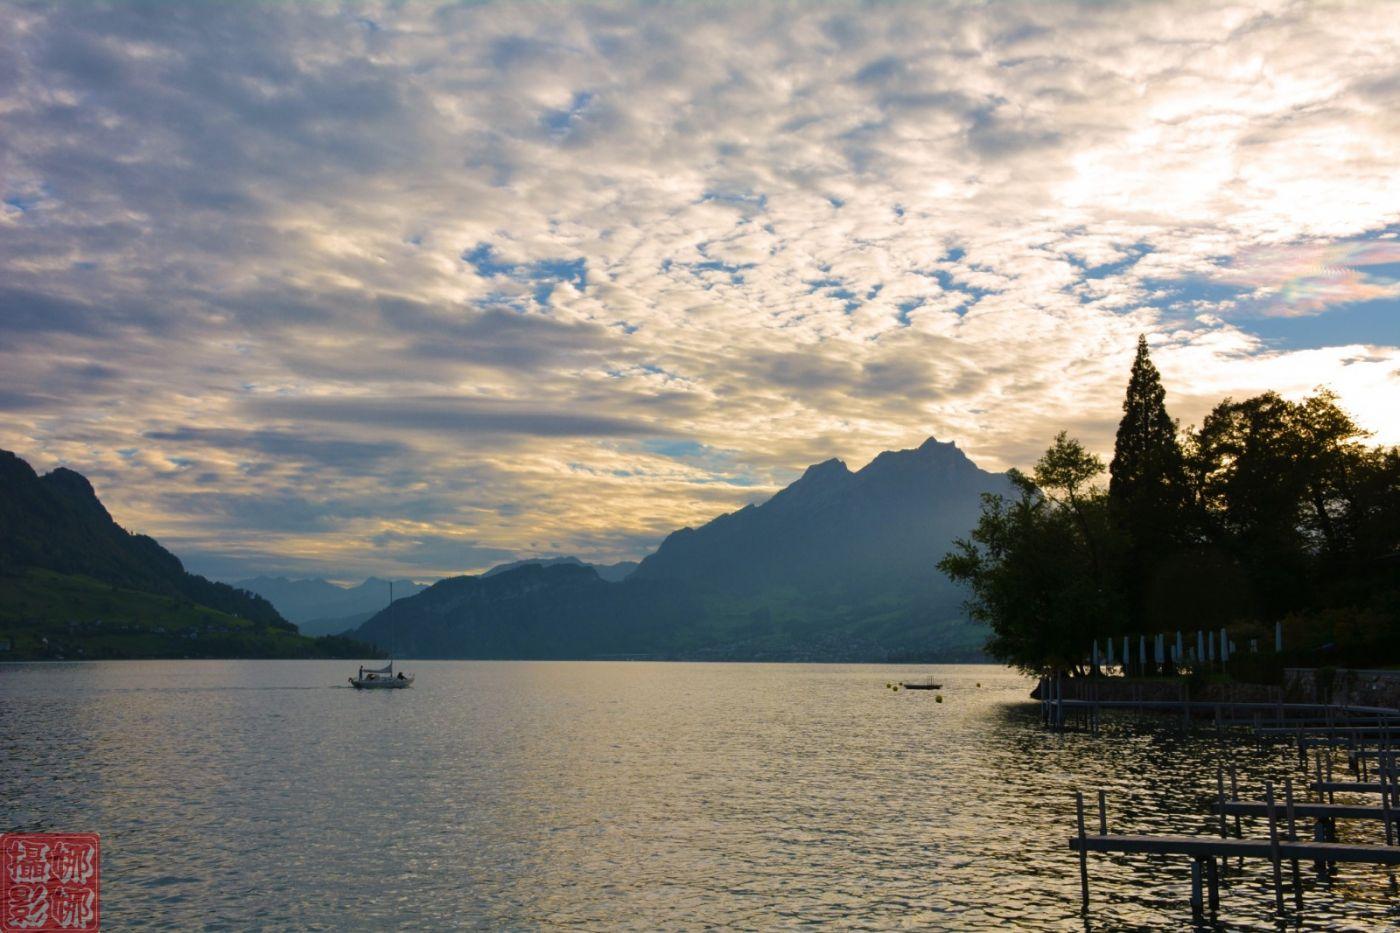 瑞士卢塞恩湖畔风光(二)_图1-10